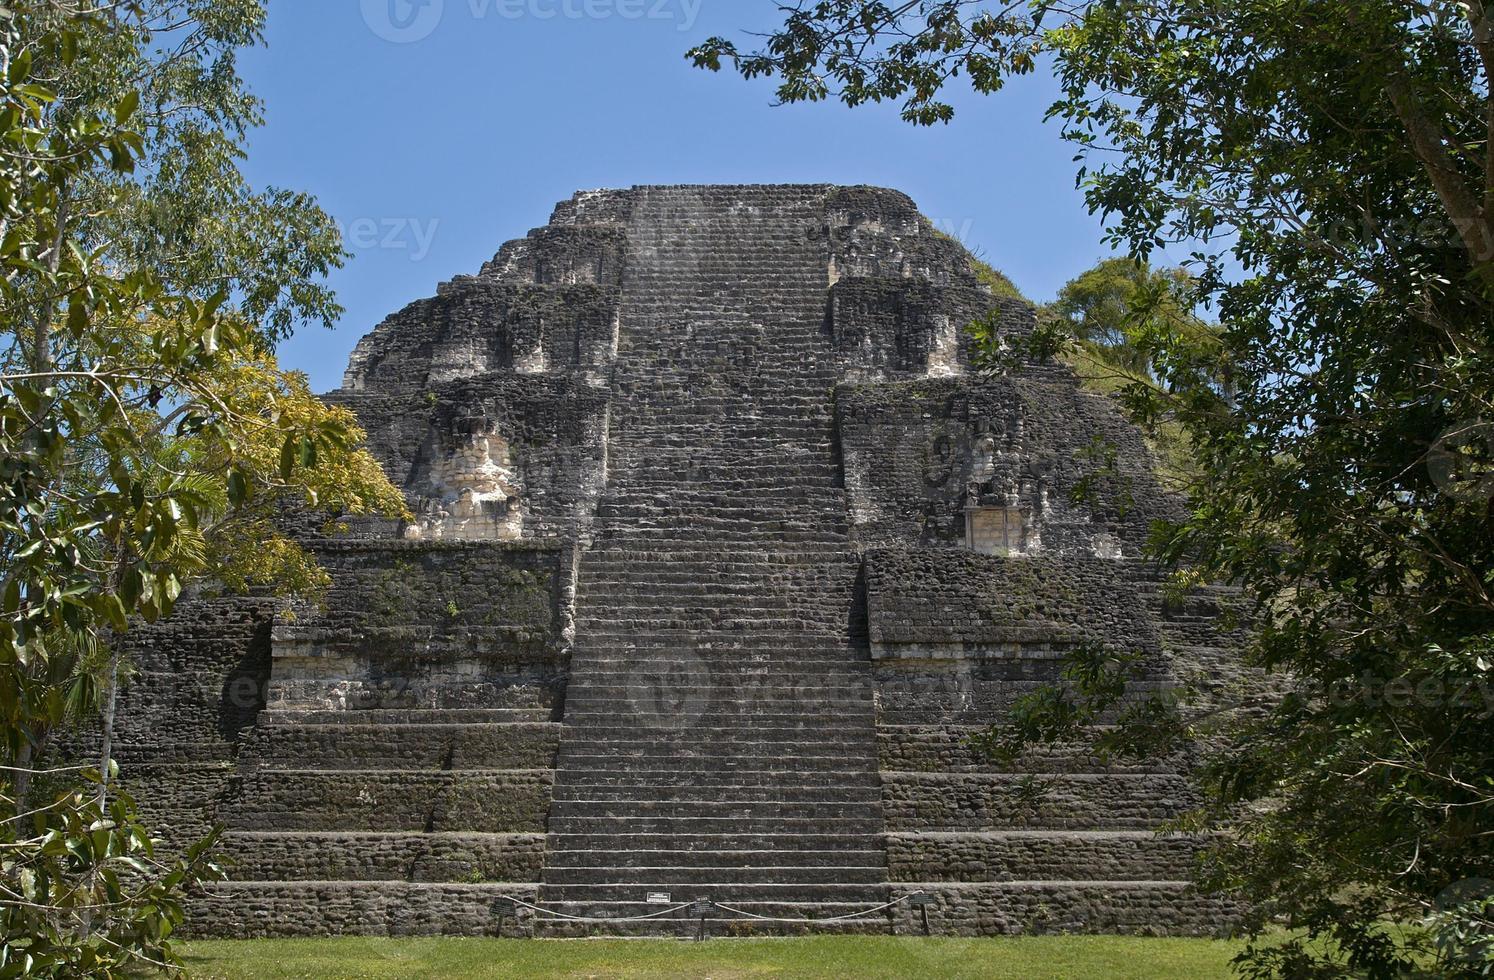 mundo perdido (verloren wereld), het oudste deel van tikal, guatemala foto